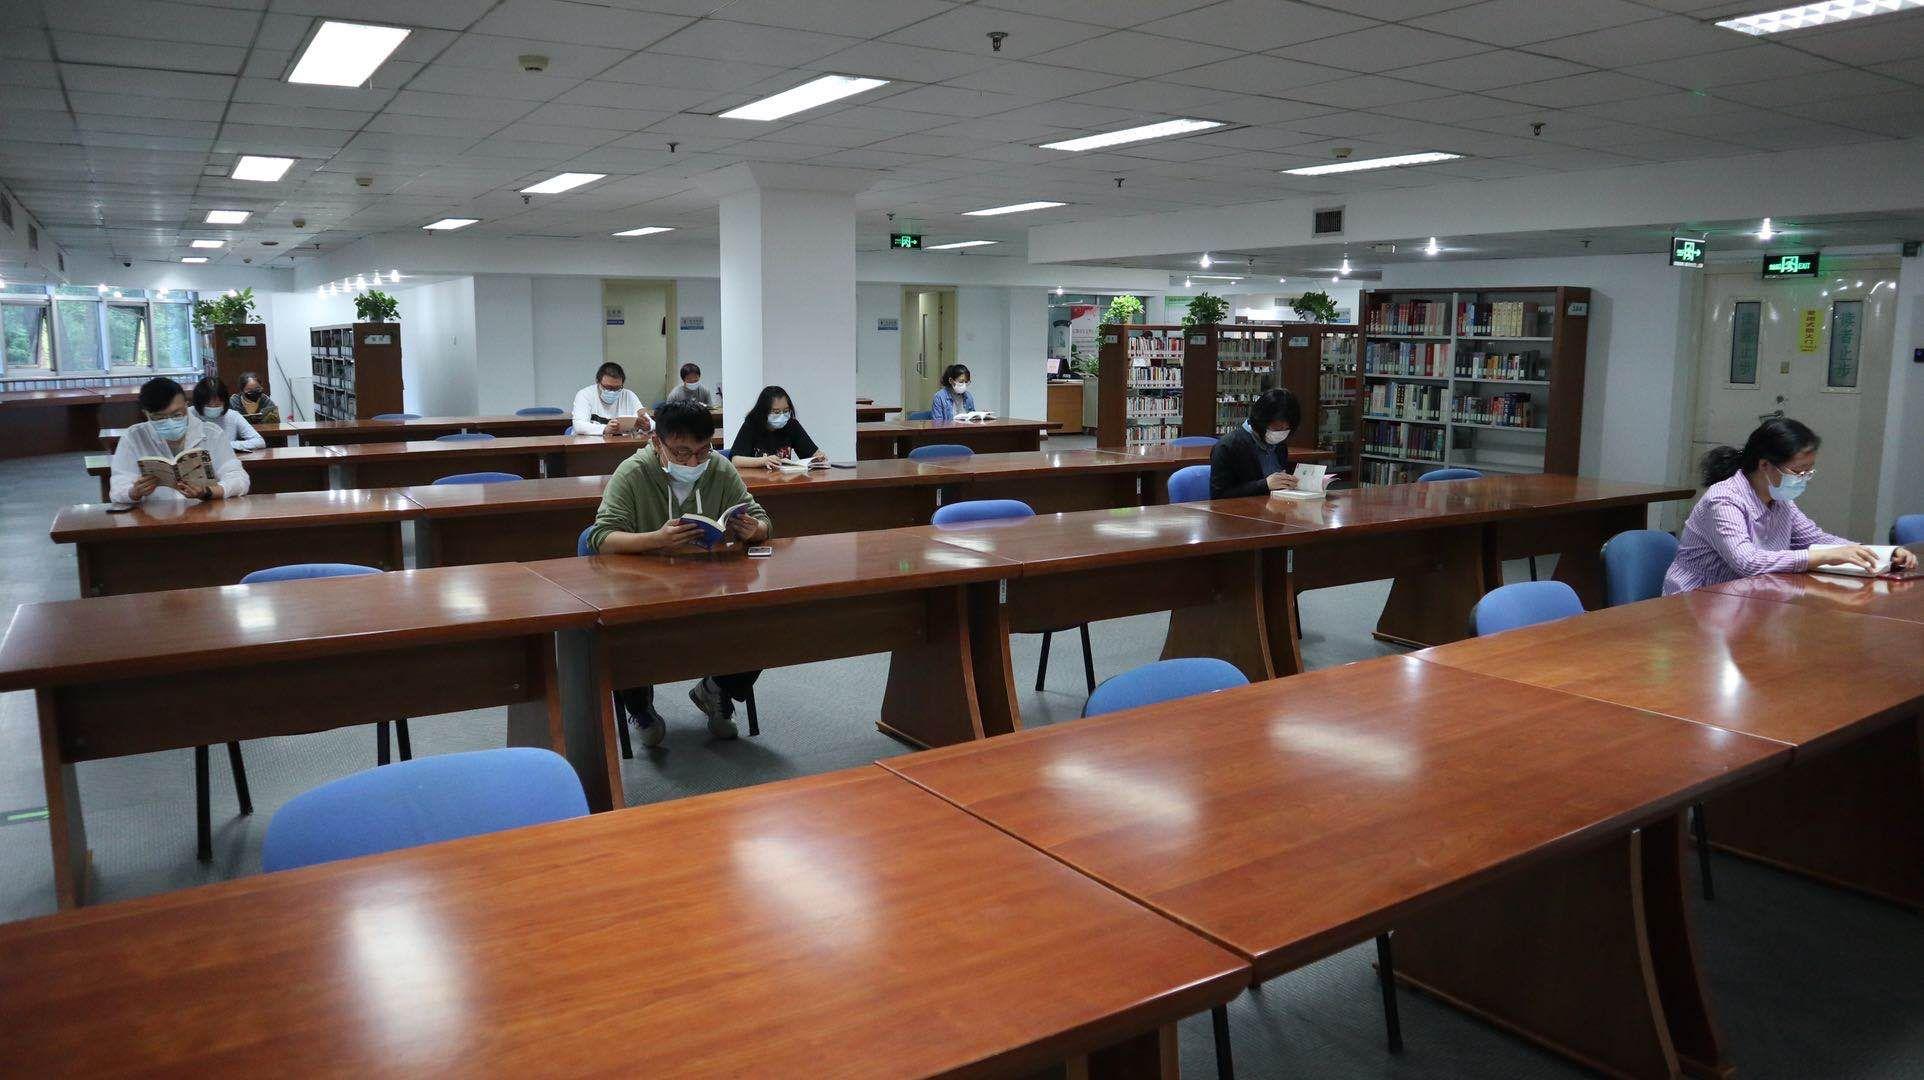 西城区图书馆今日恢复开放,北京多个区图书馆已恢复服务图片